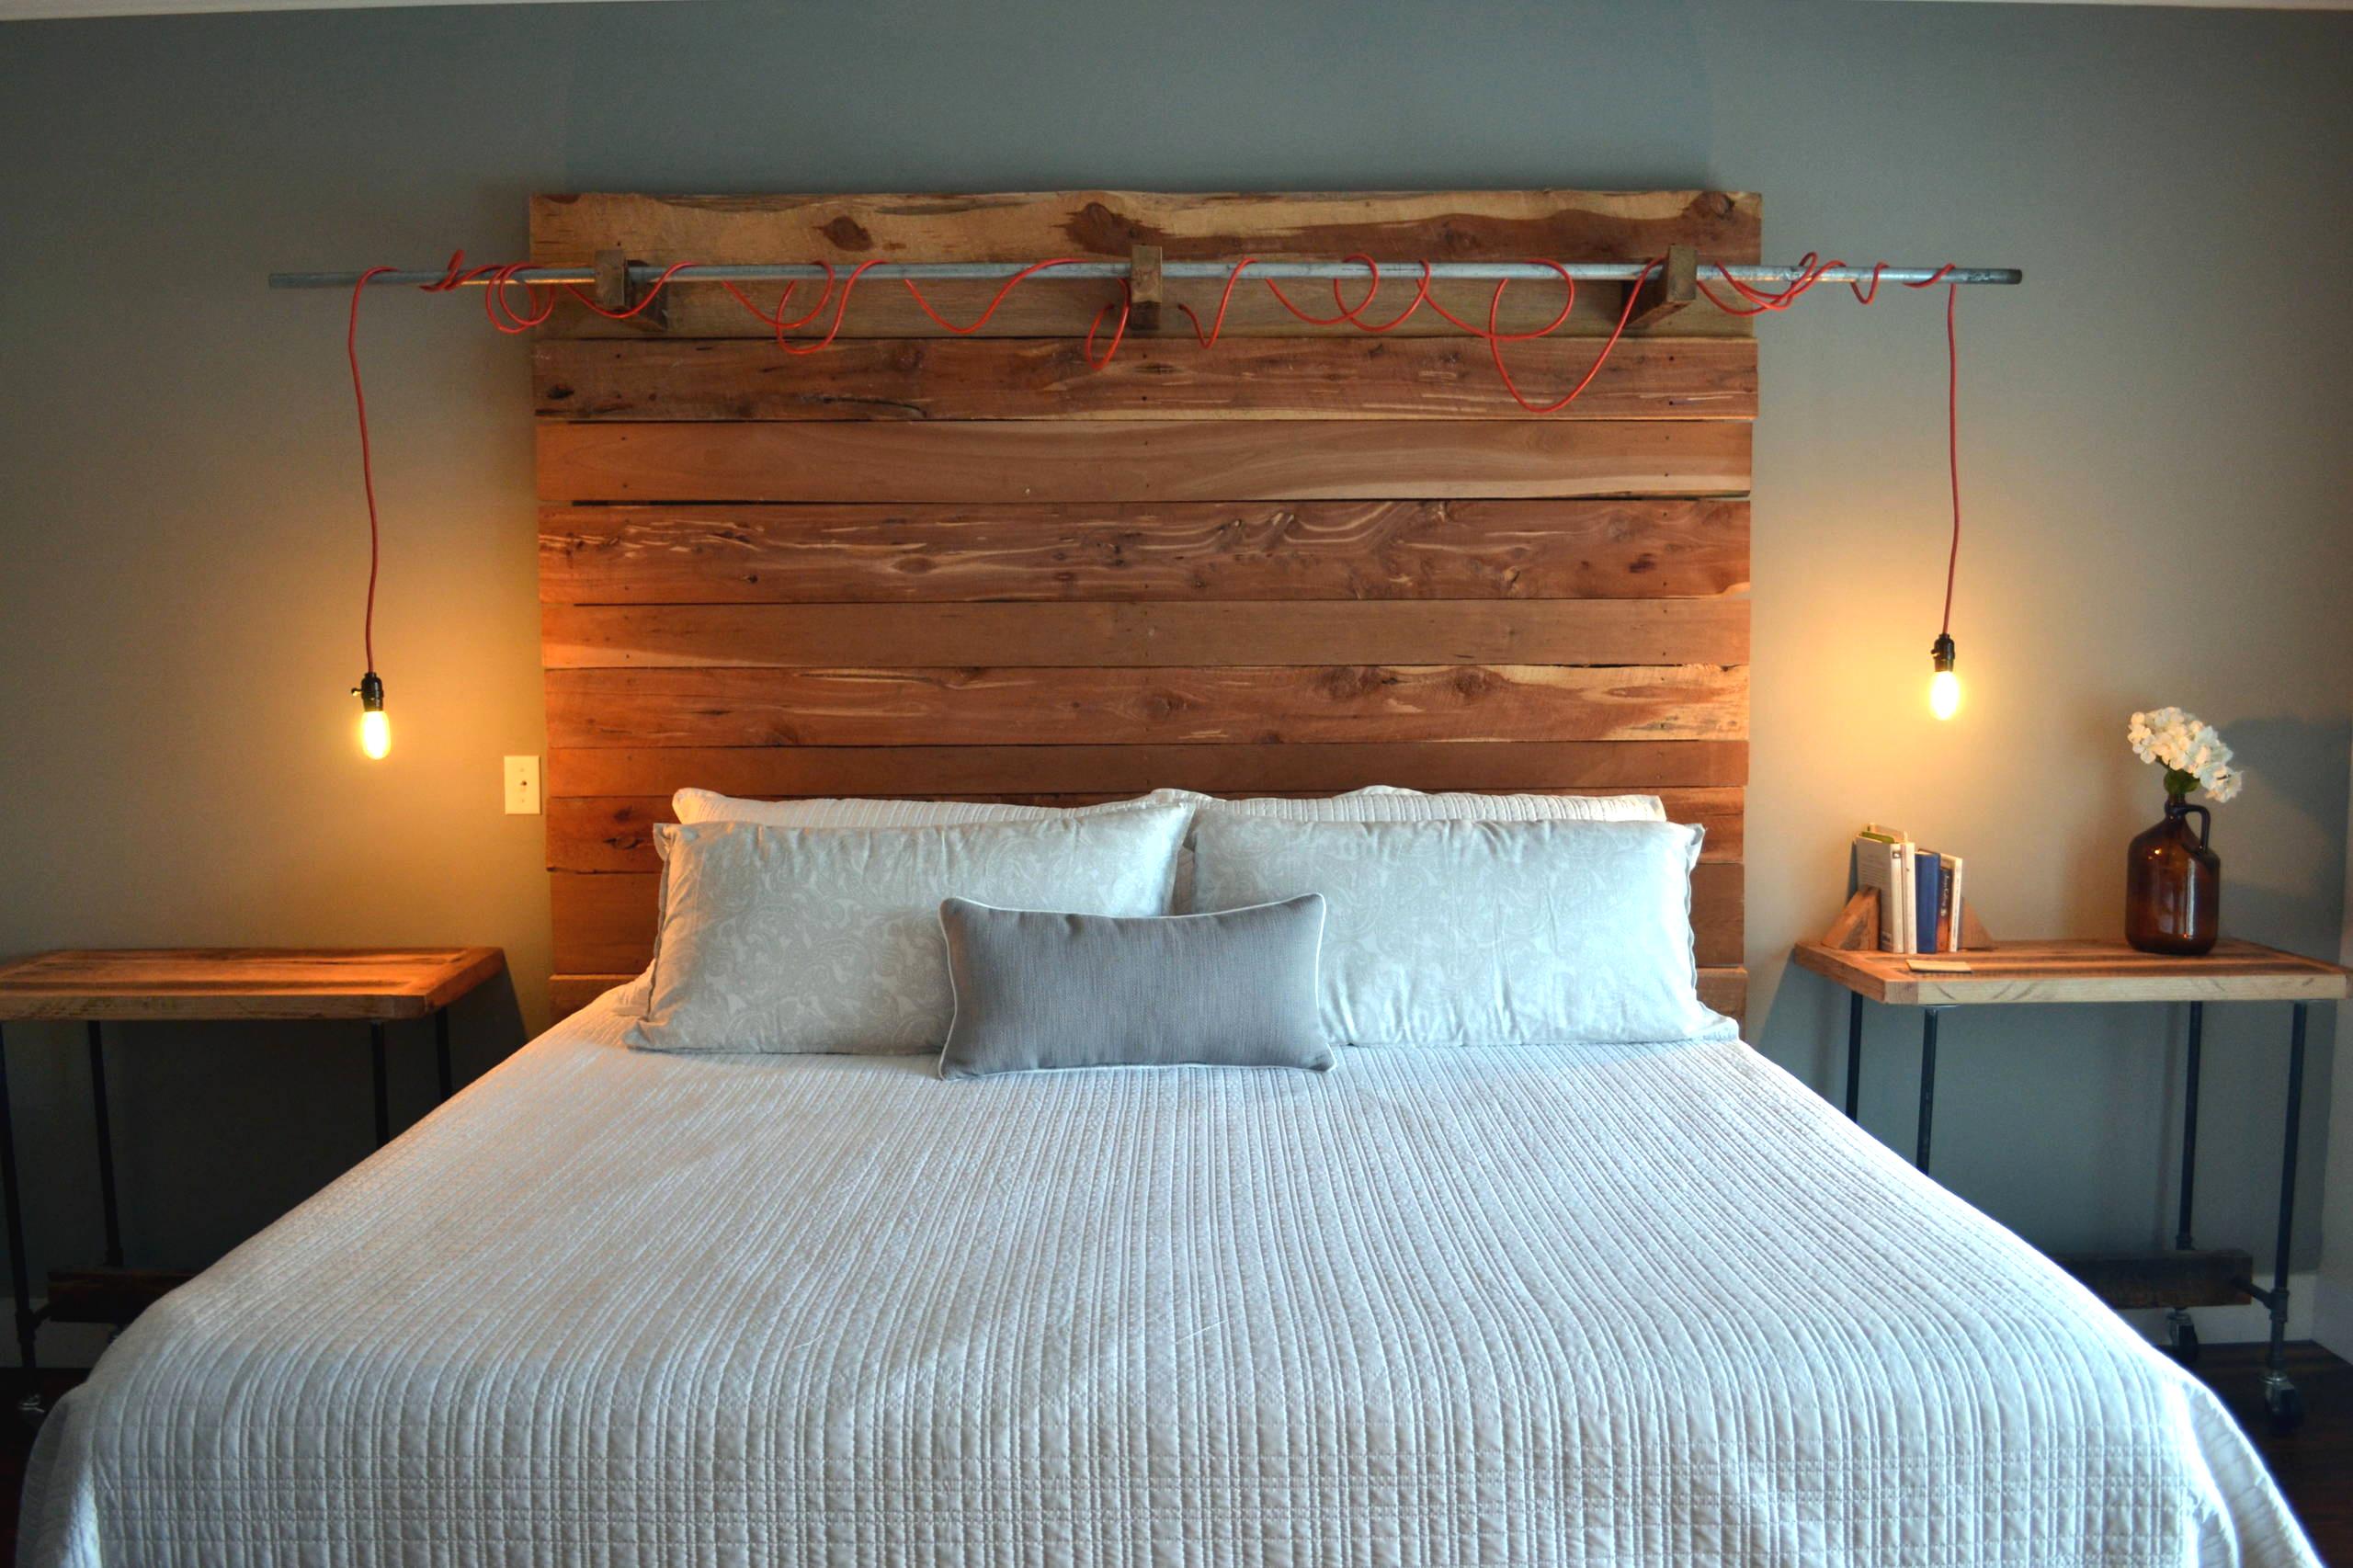 Необычный светильник, закрепленный на деревянном изголовье кровати